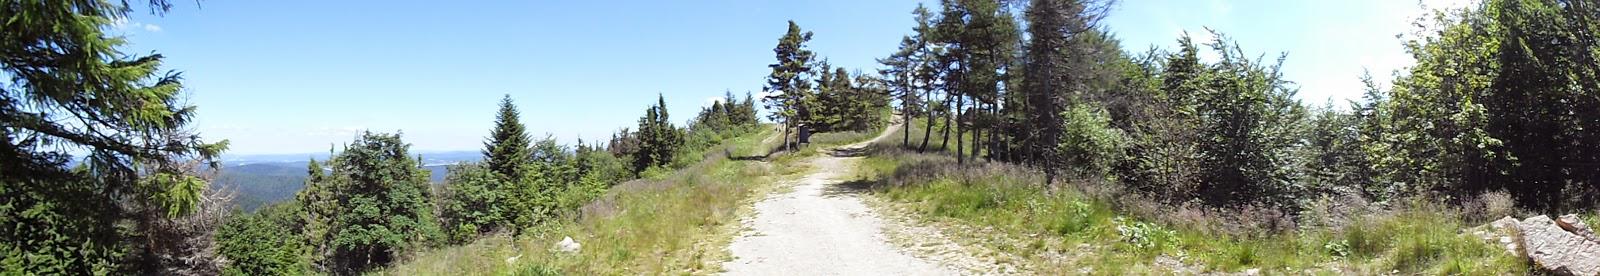 szlak Jaworzynie Krynickiej